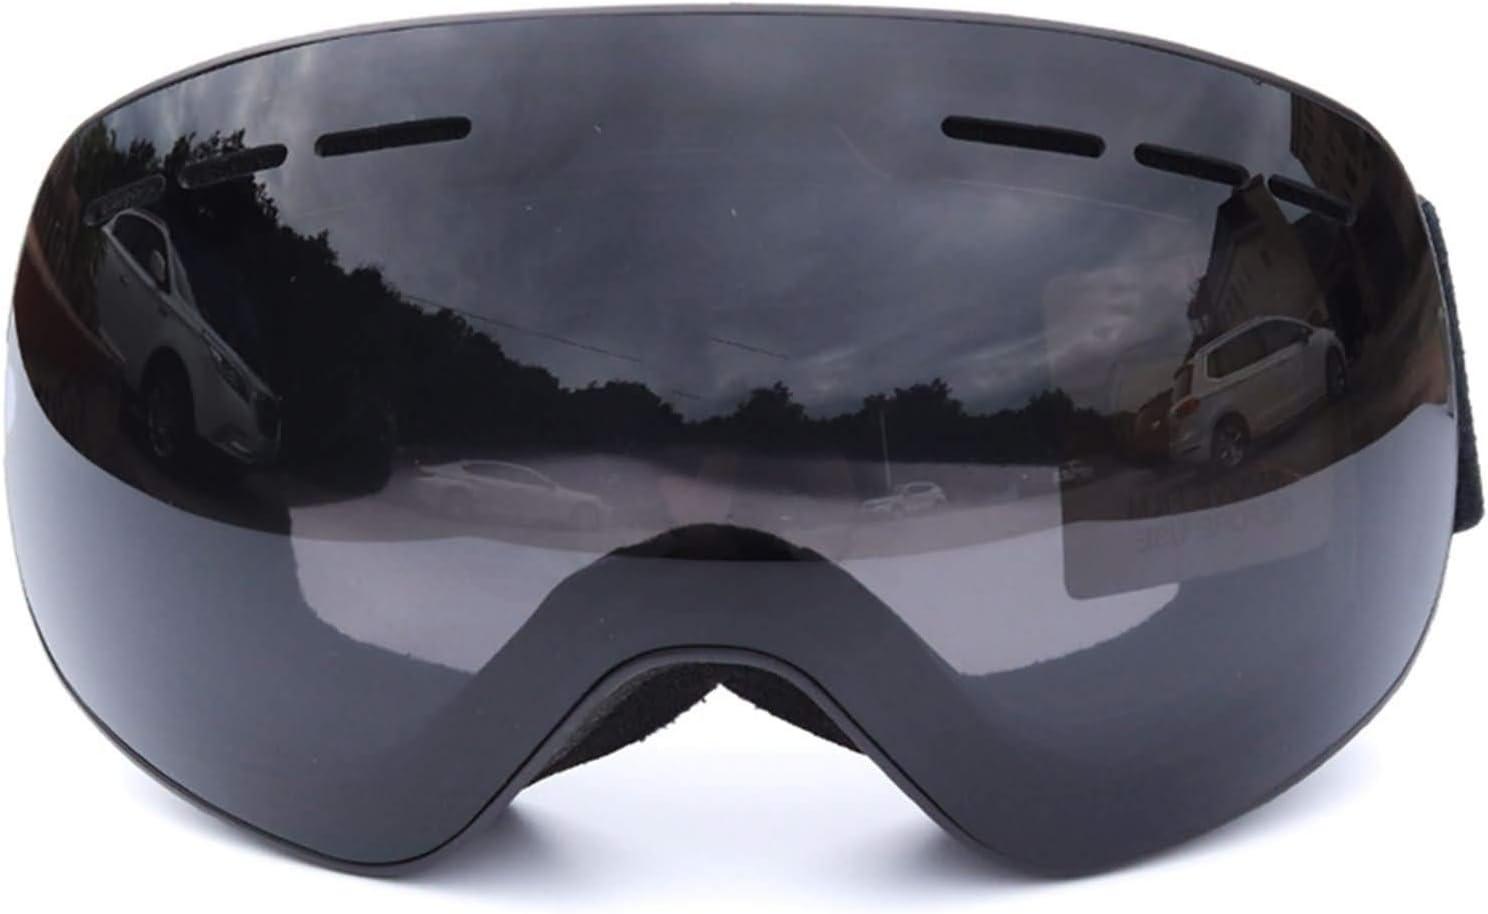 Blisfille Gafas de Moto Fotocromaticas Gafas Protectoras de Soldadura,Negro